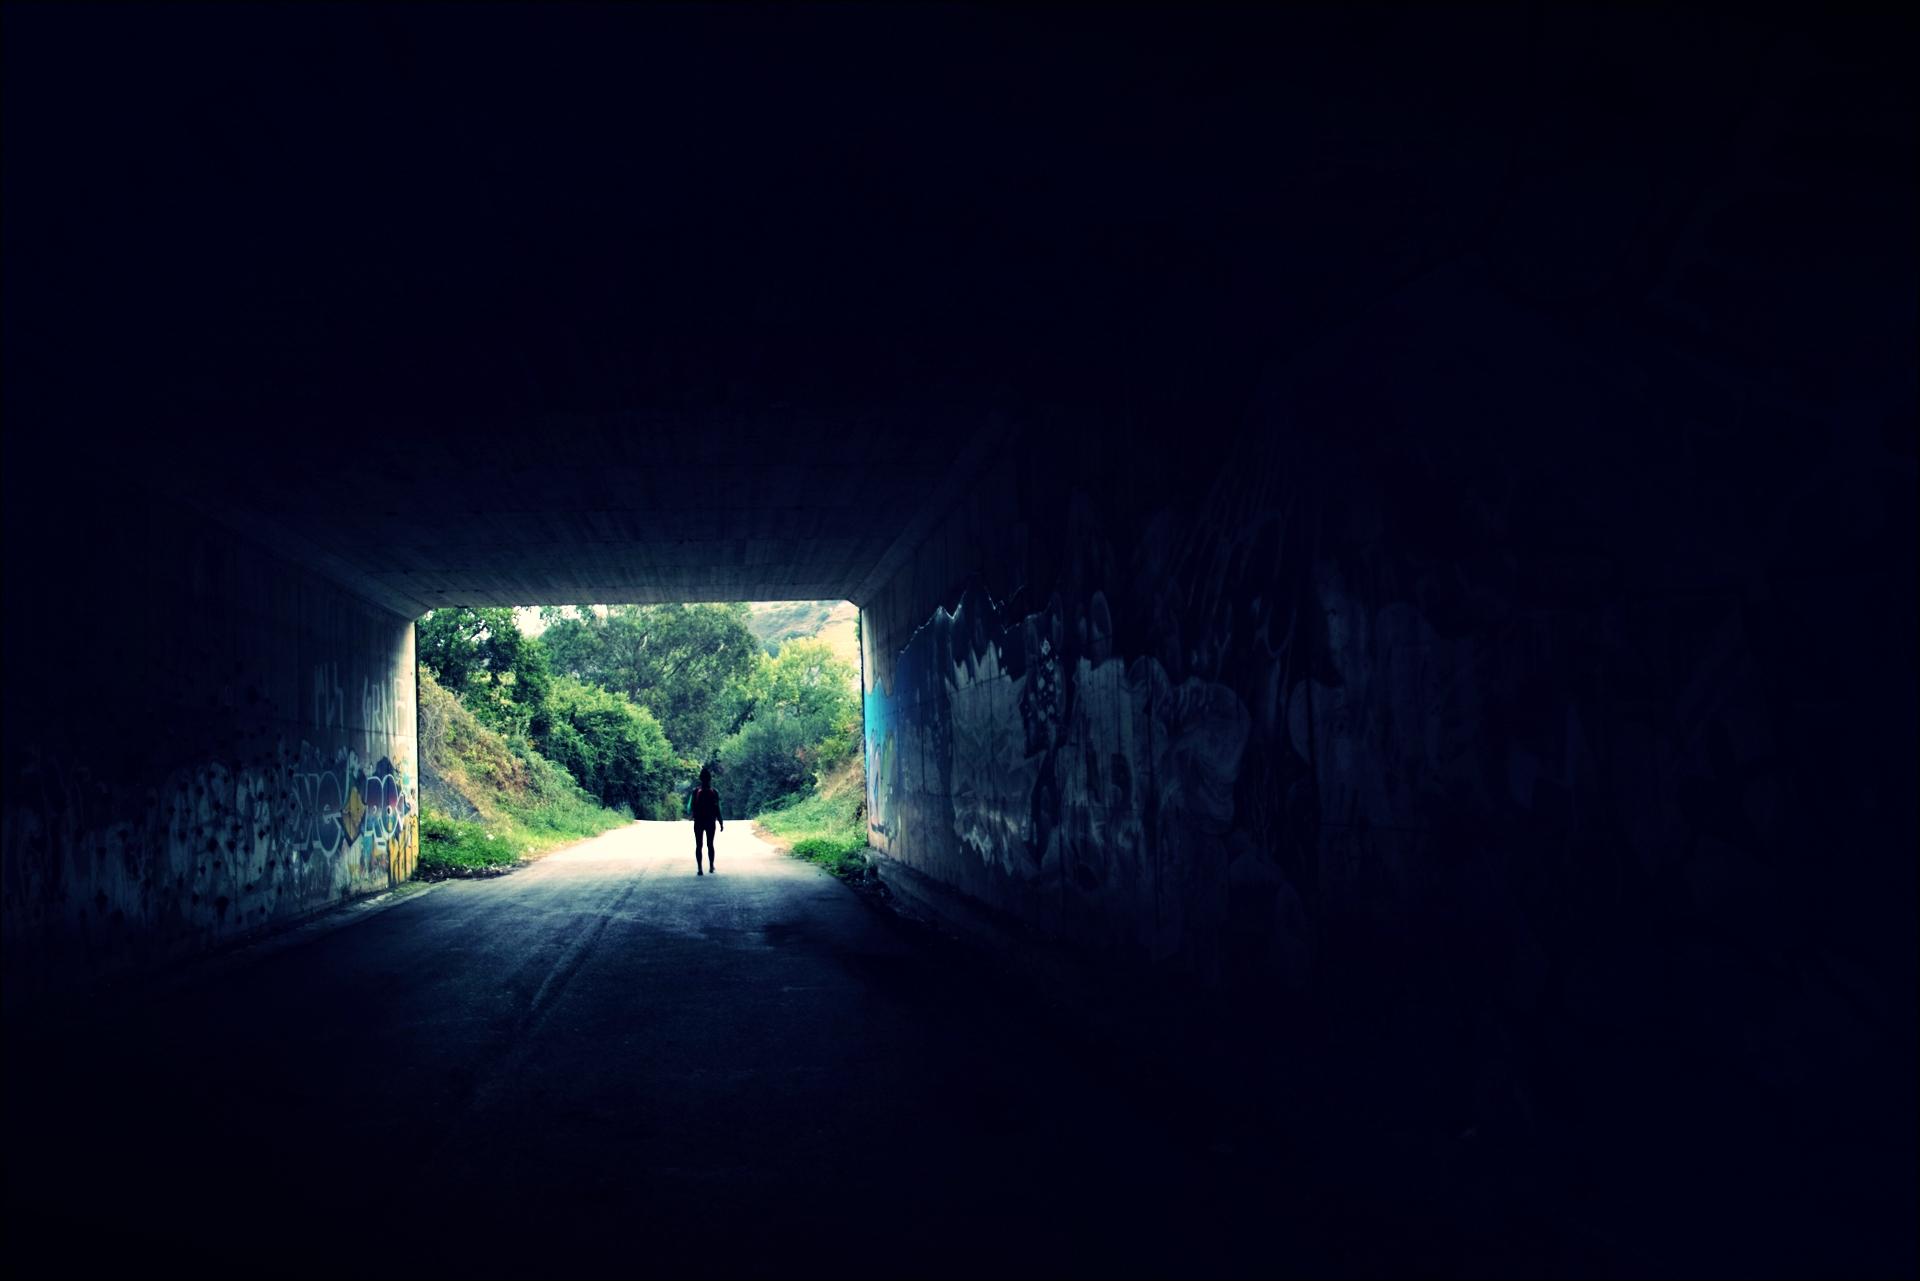 터널-'카미노 데 산티아고 북쪽길. 포르투갈레테에서 카스트로 우르디알레스. (Camino del Norte - Portugalete to Castro Urdiales) '